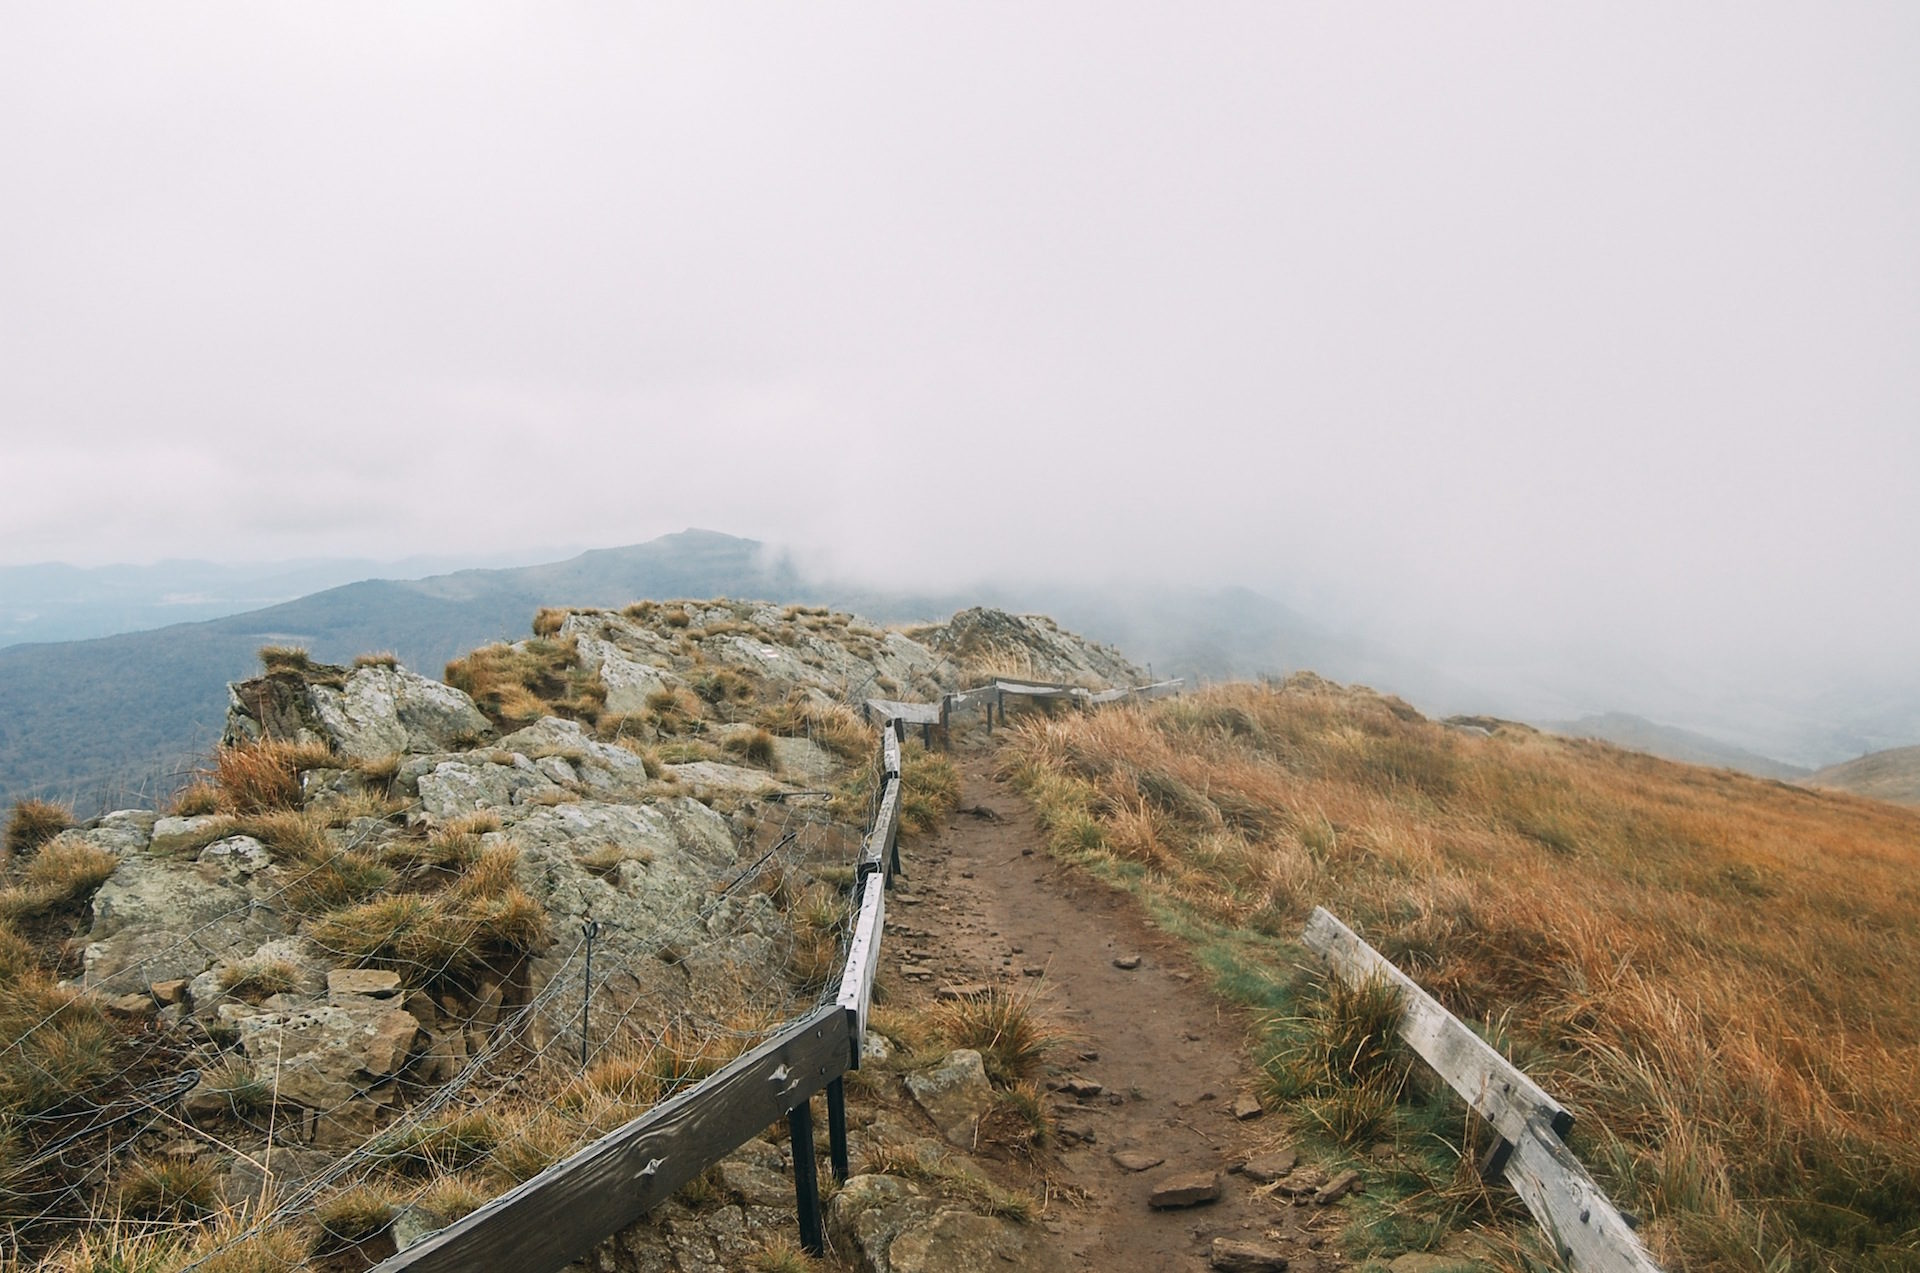 Route, domaine, Montagne, brouillard, perdu - Fonds d'écran HD - Professor-falken.com